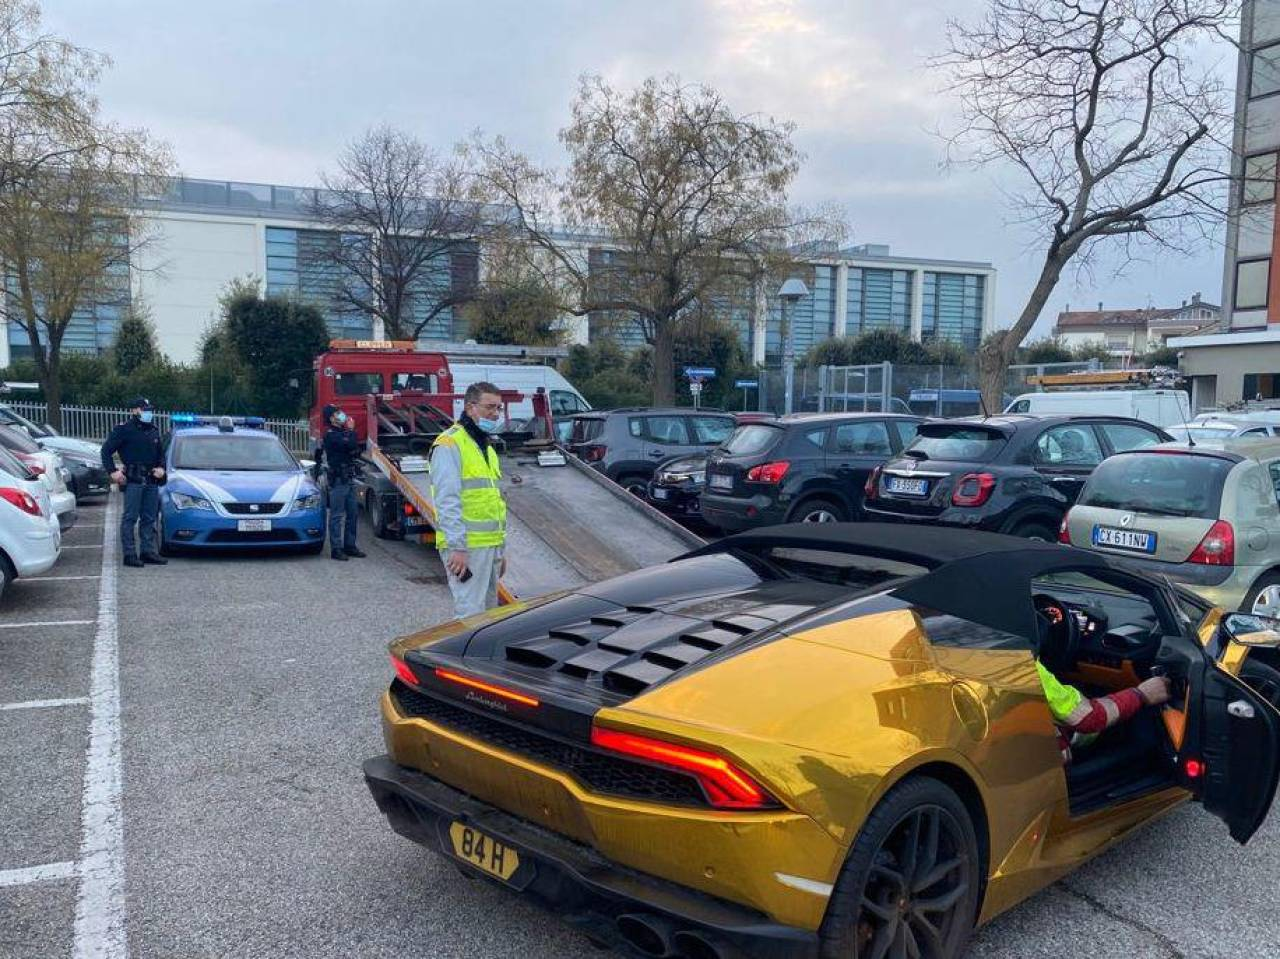 Al ricco broker inglese è stata sequestrata la Lamborghini gialla con cui era arrivato fino a Rimini